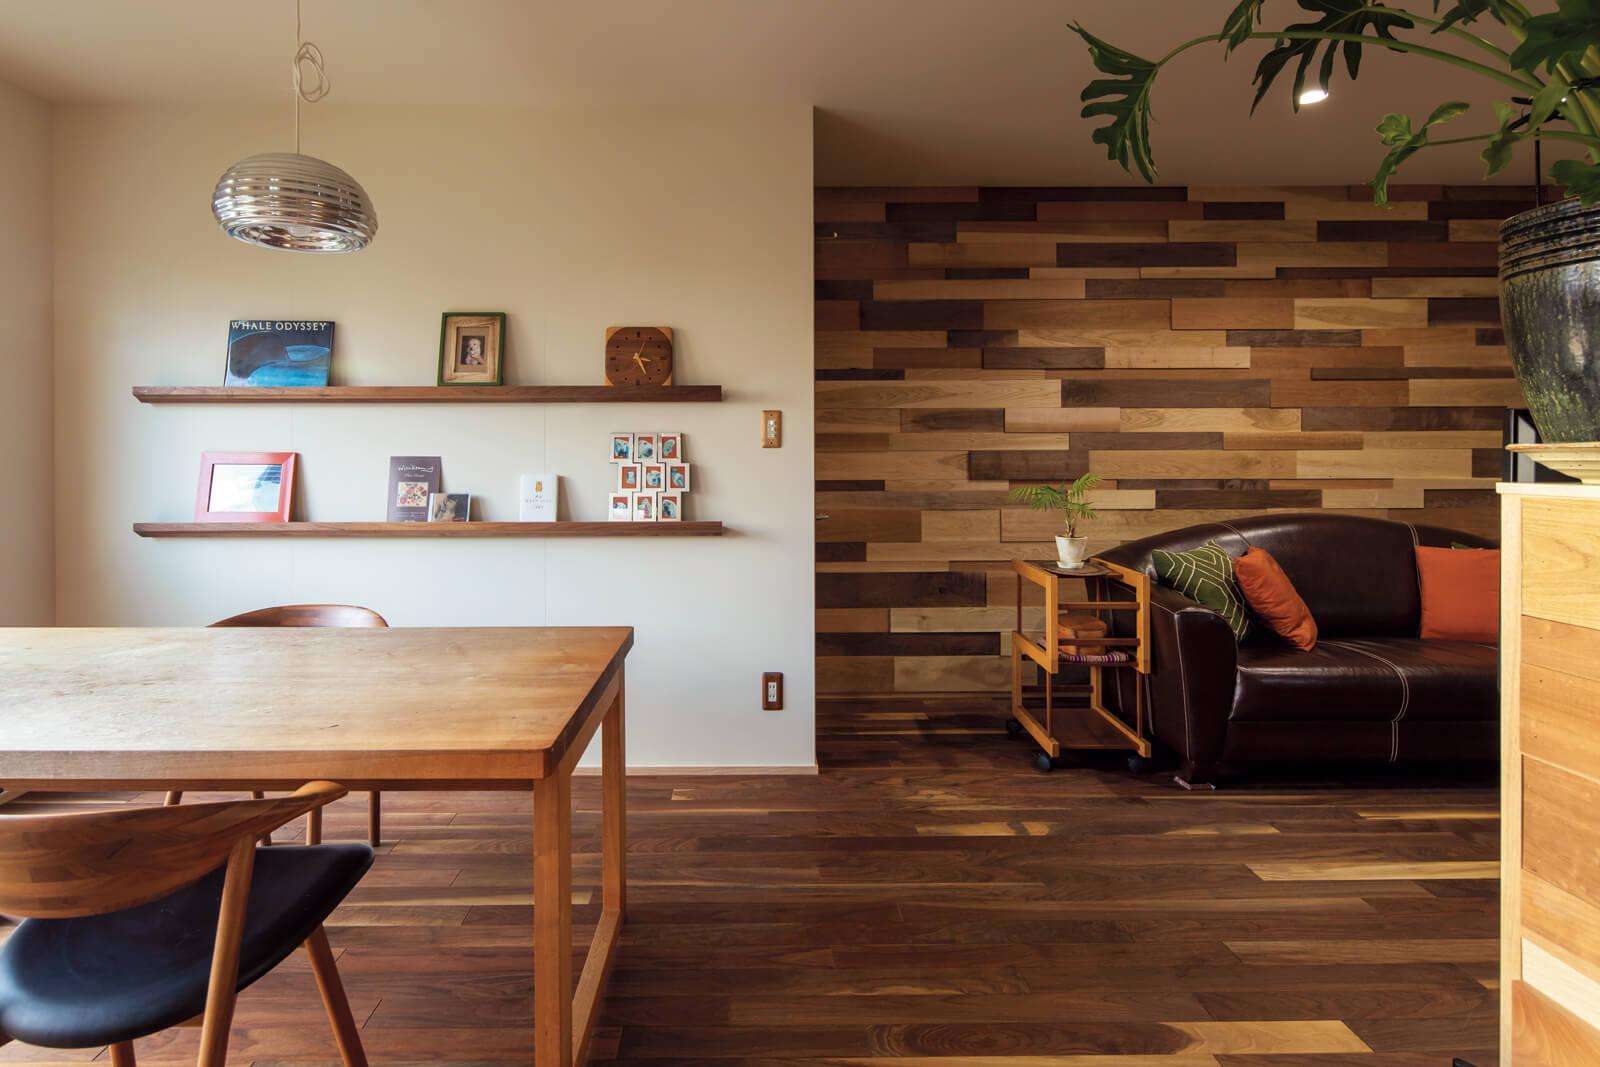 「以前の住まいから使っていたウォールナットのダイニングテーブルは、経年変化で白くなってきました。無垢材はこうした月日の変化が楽しいですよね」とSさん。ペンダントライトも以前の住まいから引き継いだもの。壁の造作棚には、ギンくんの成長過程が伺える写真が並んでいる